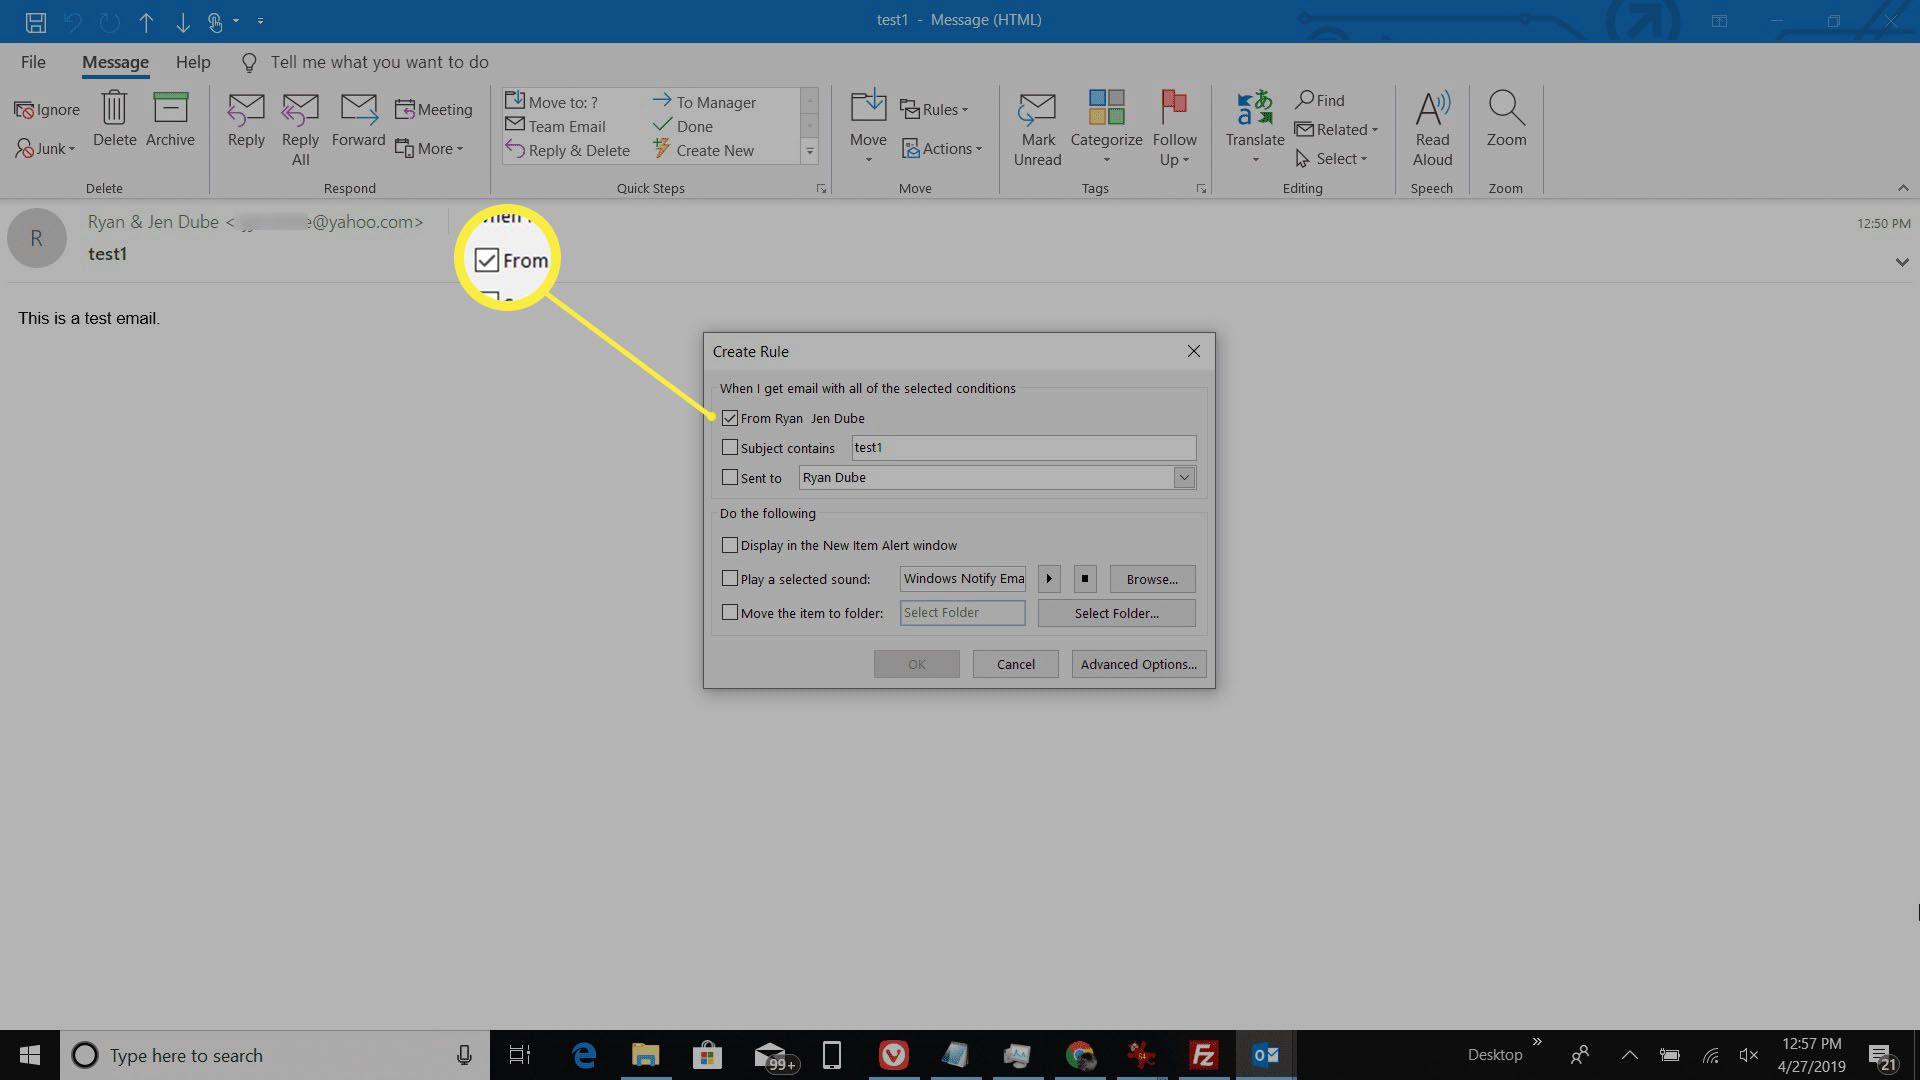 Screenshot of create rule from sender in Outlook.